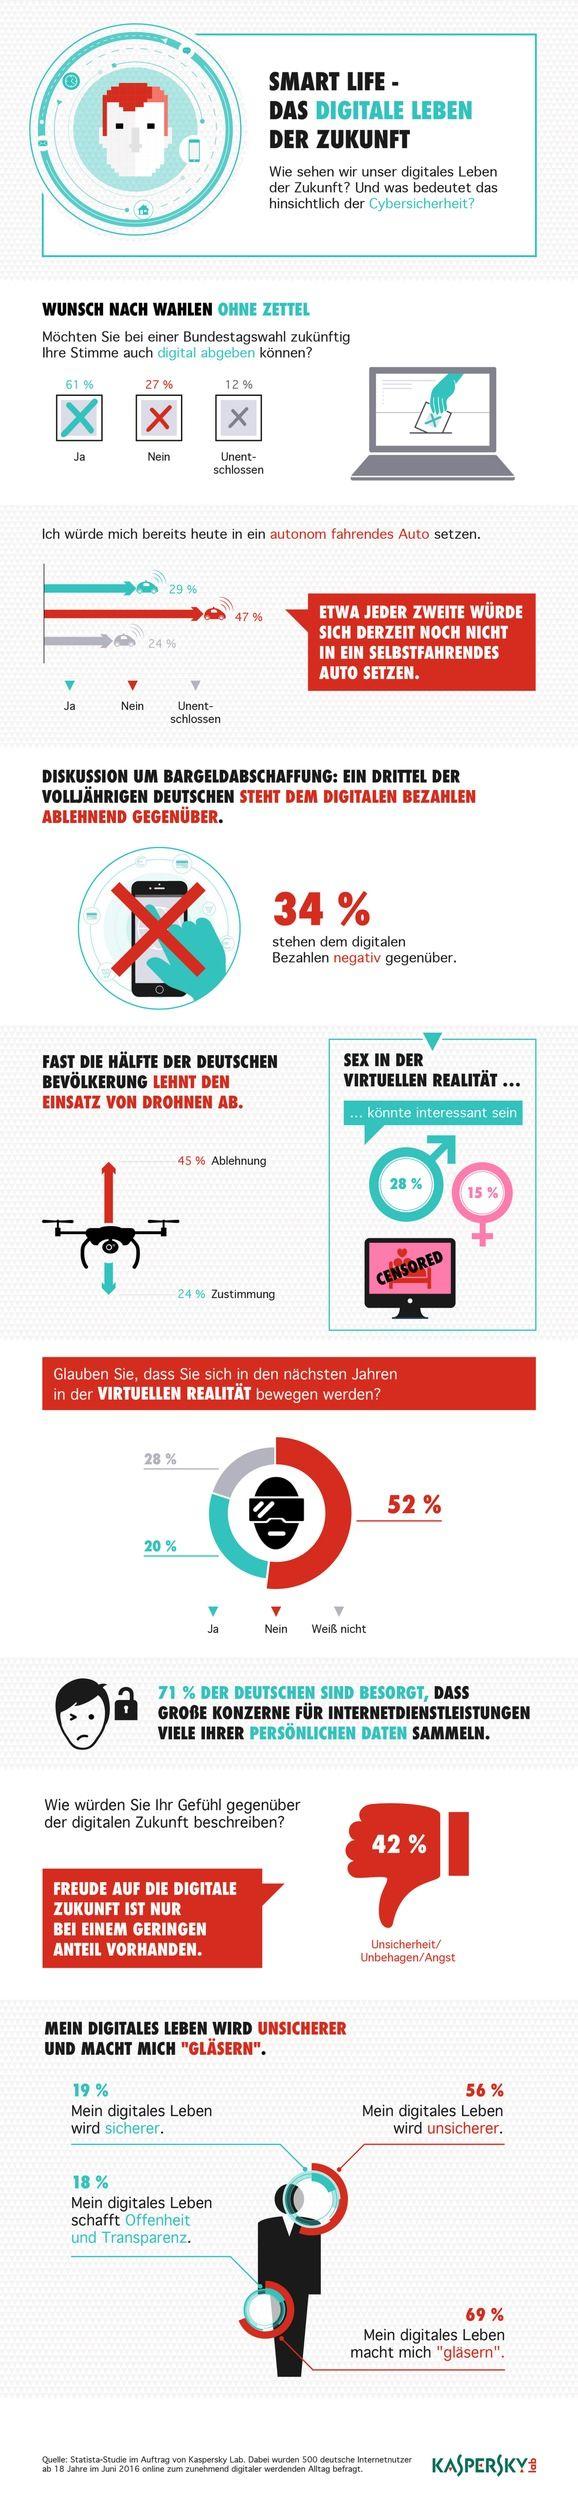 kaspersky-studie-zur-ifa-deutsche-skeptisch-bei-virtual-reality-drohnen-und-digitalem-bezahlen